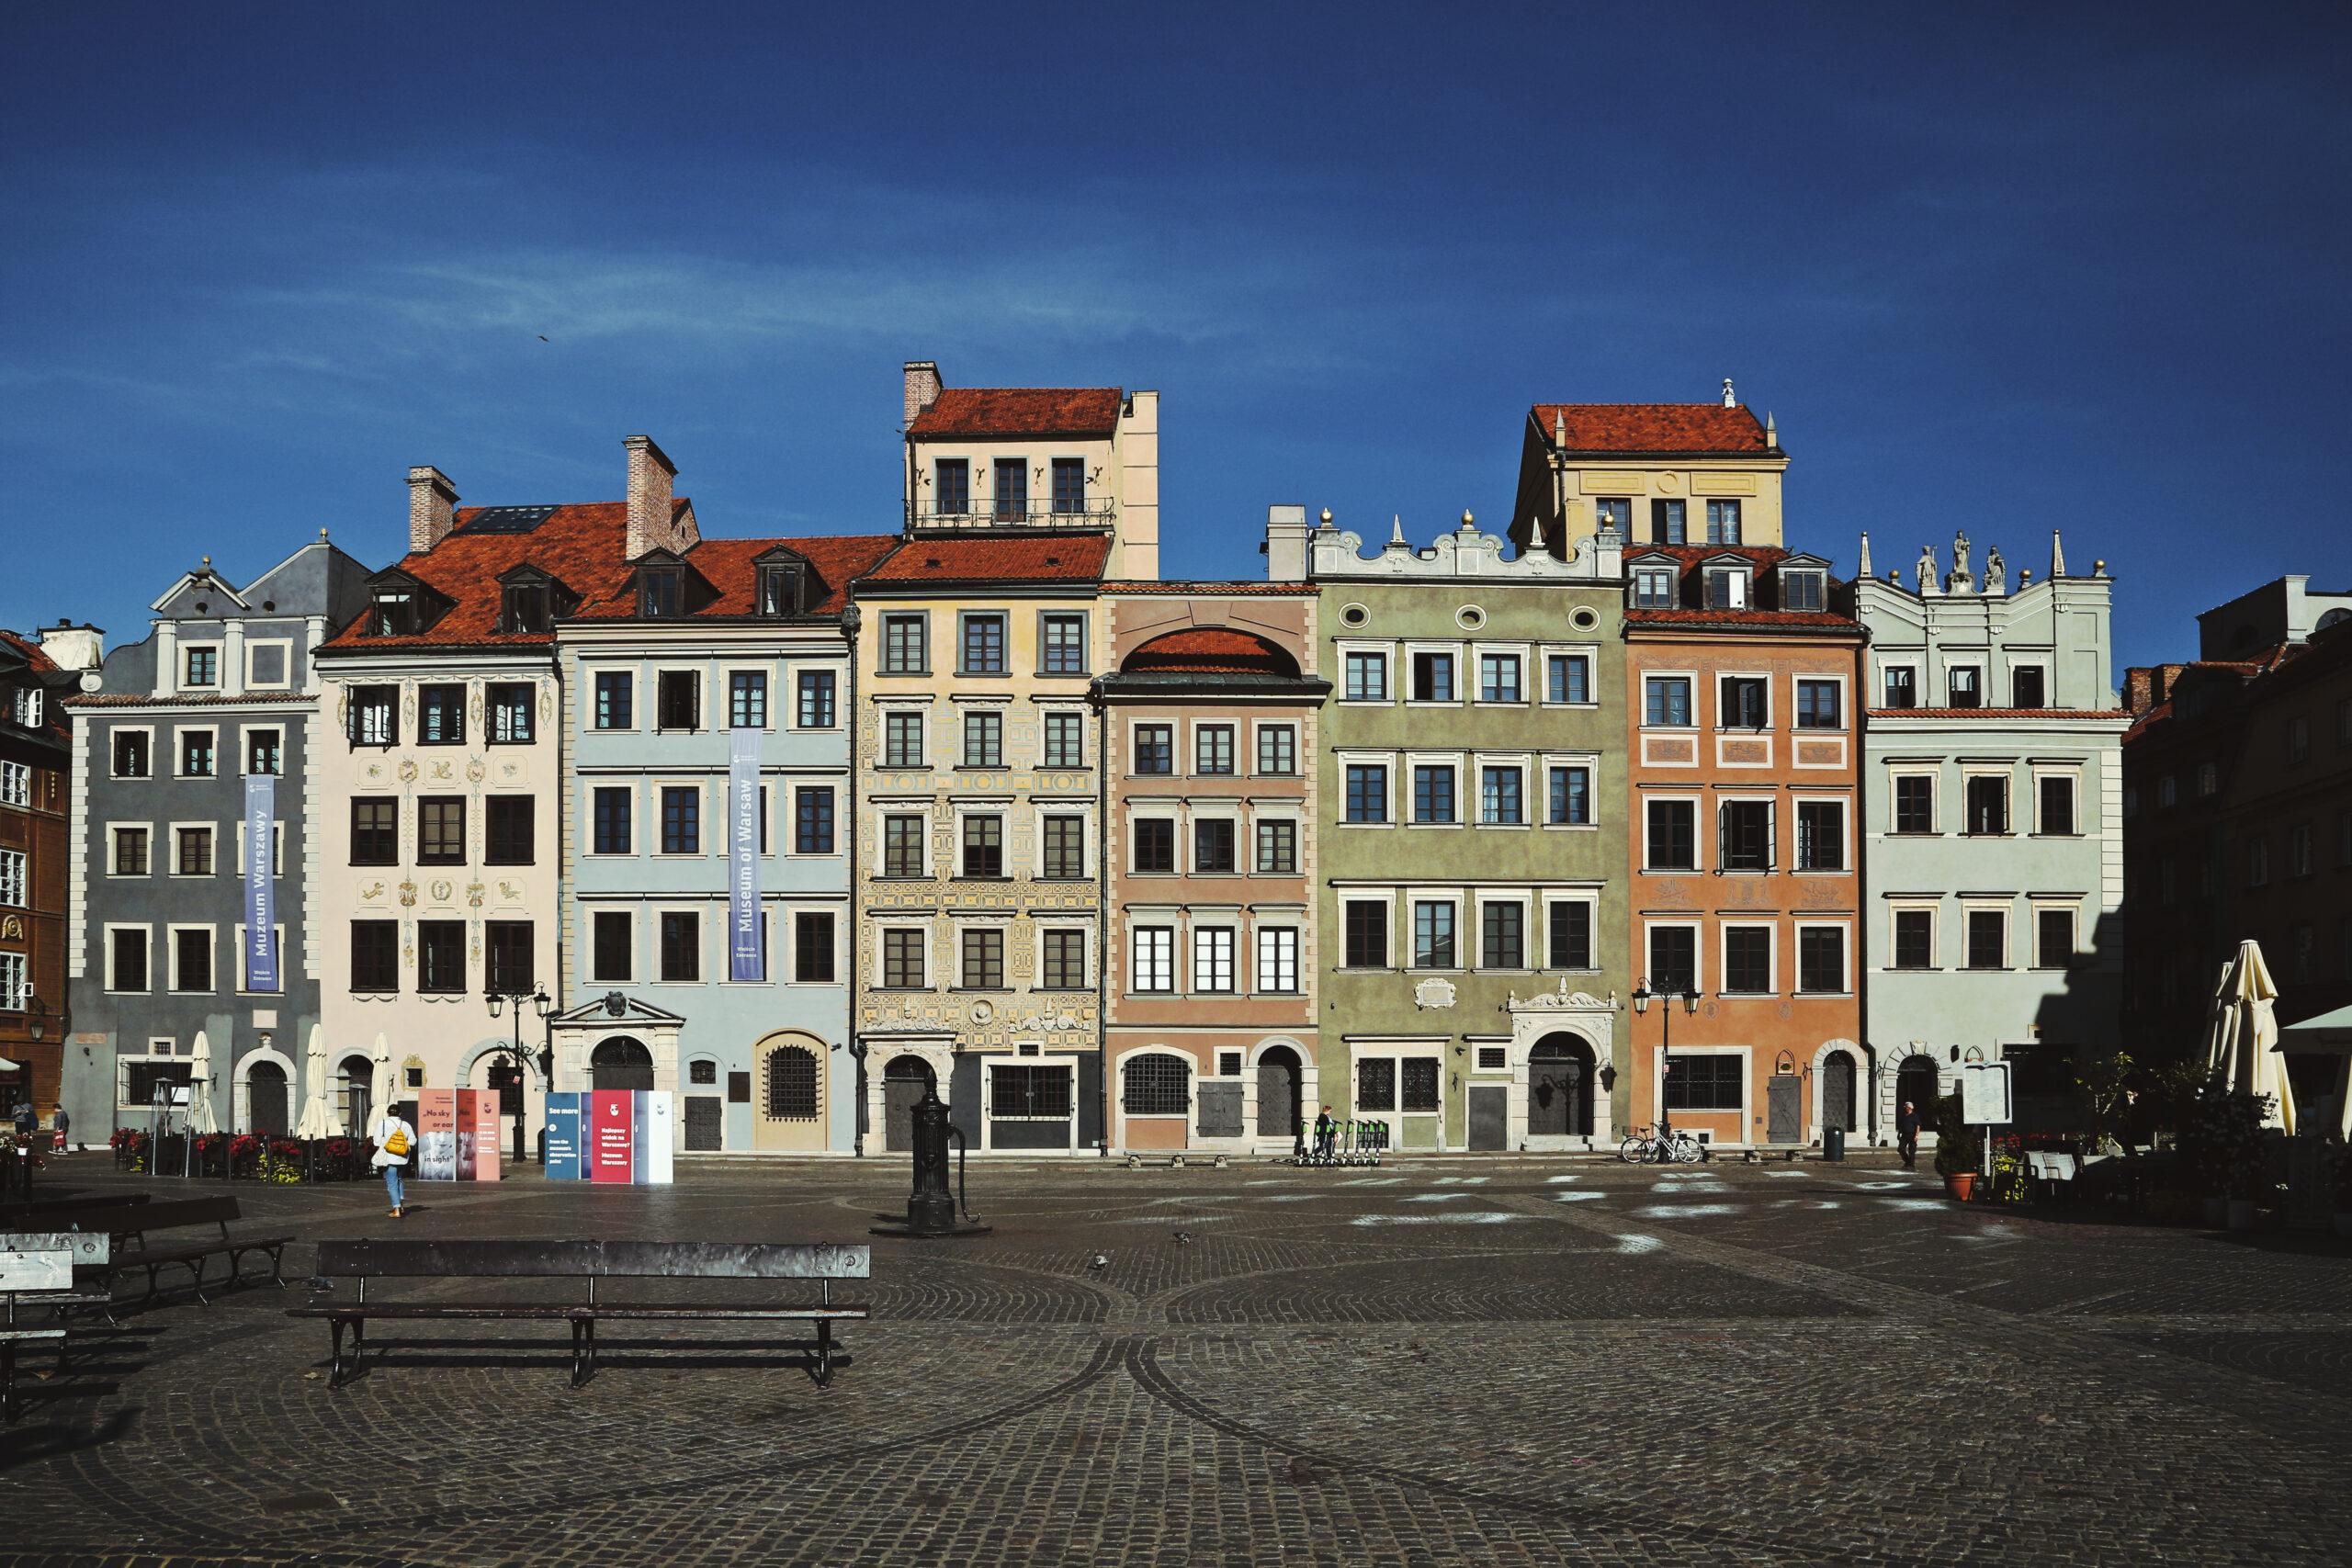 Fotografia ciągu kamienic przy Rynku Starego Miasta wWarszawie. Siedziba Muzeum Warszawy.